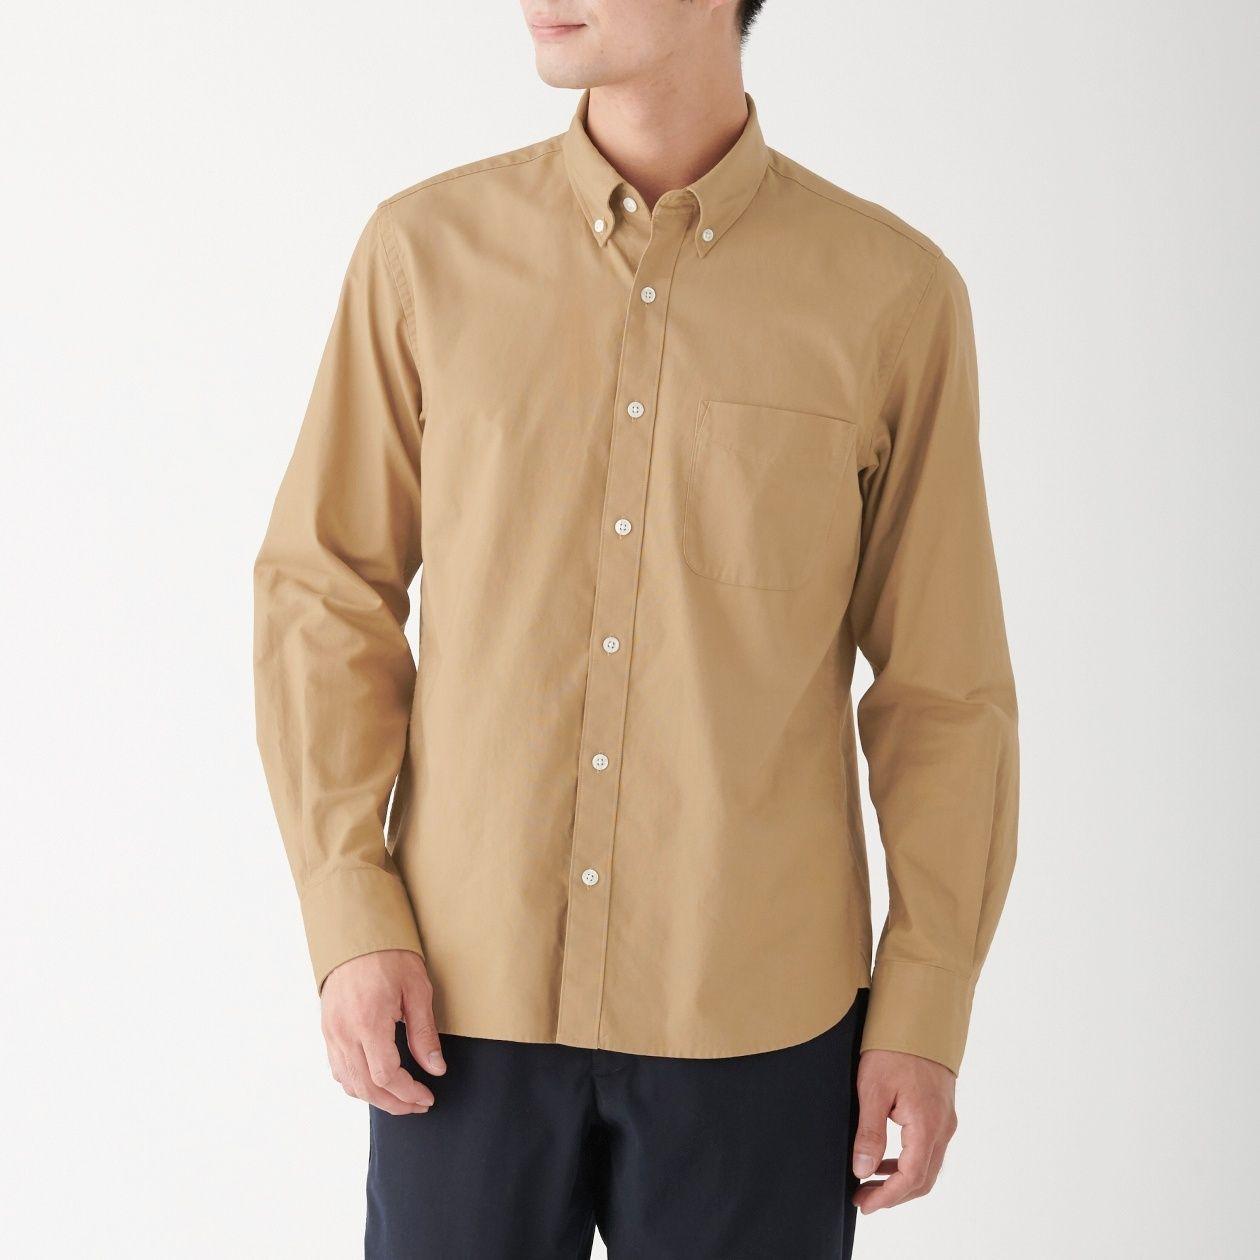 新疆綿生地染めオックスボタンダウンシャツ 紳士S・ベージュ